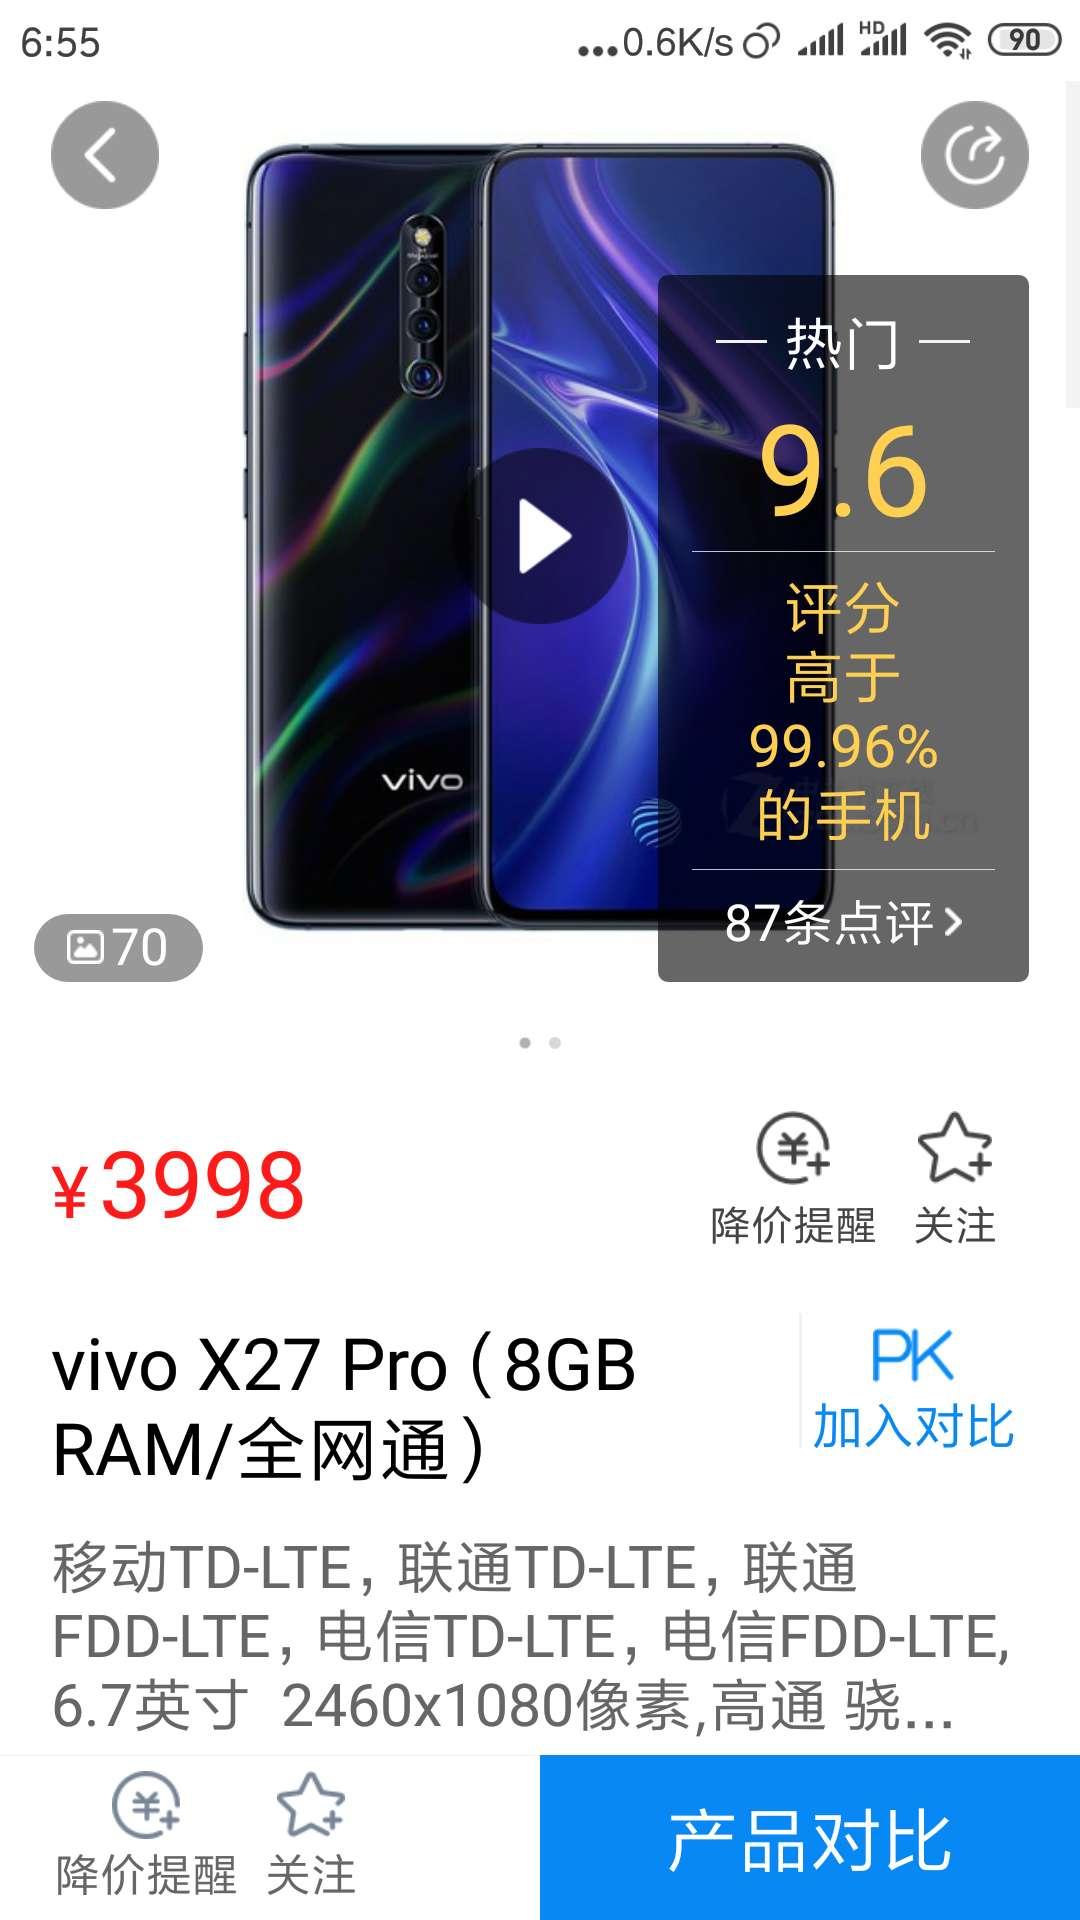 vivox27pro的相机传感器是索尼的吗?